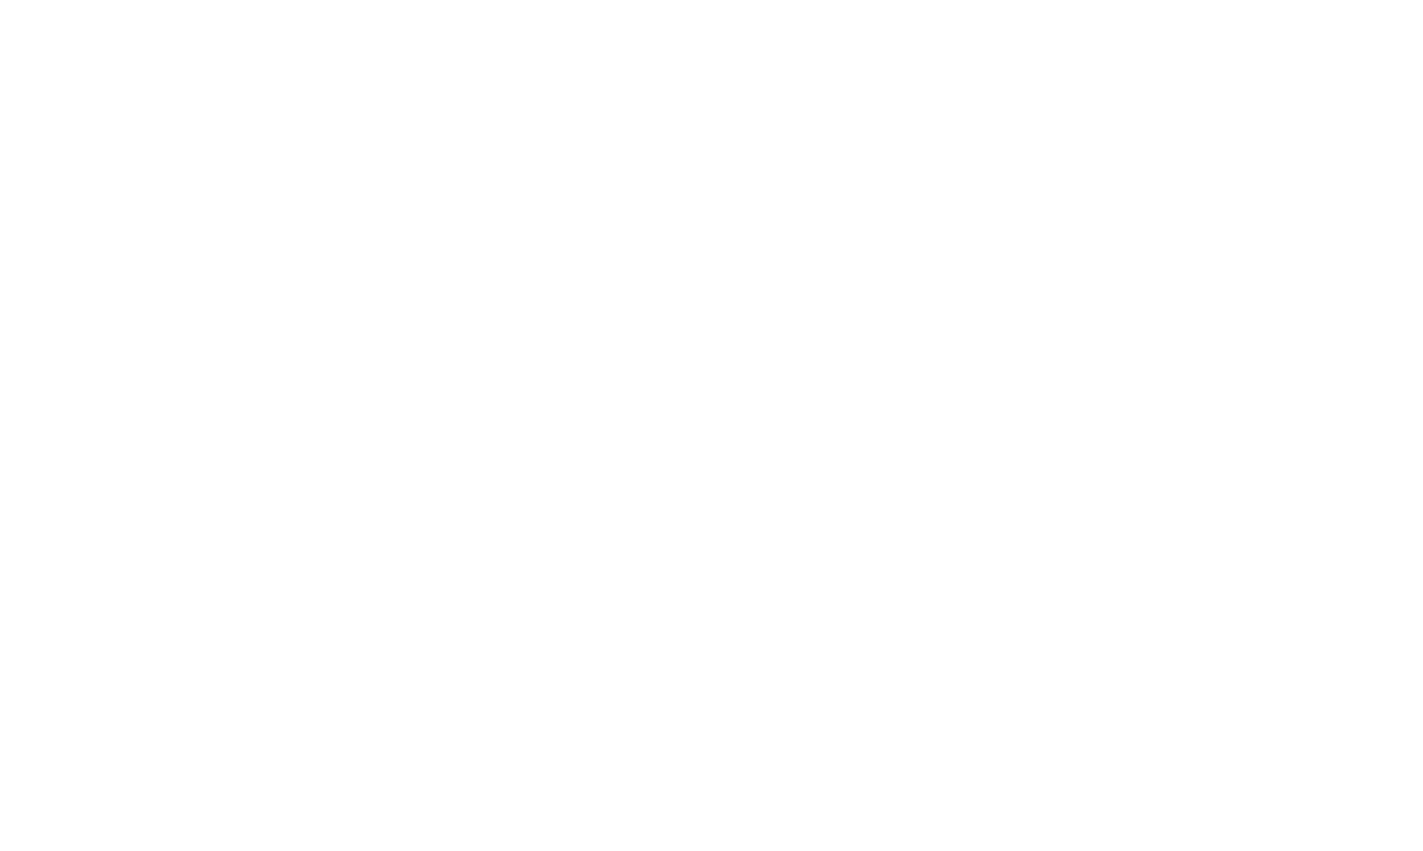 KP ELITE